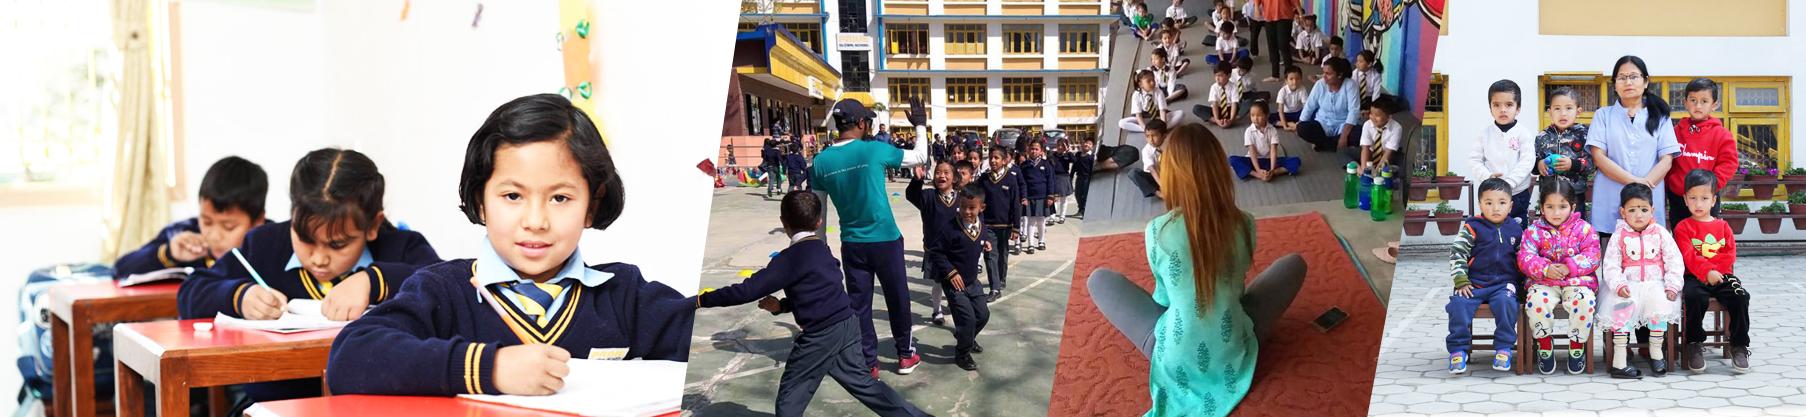 Prime Global School